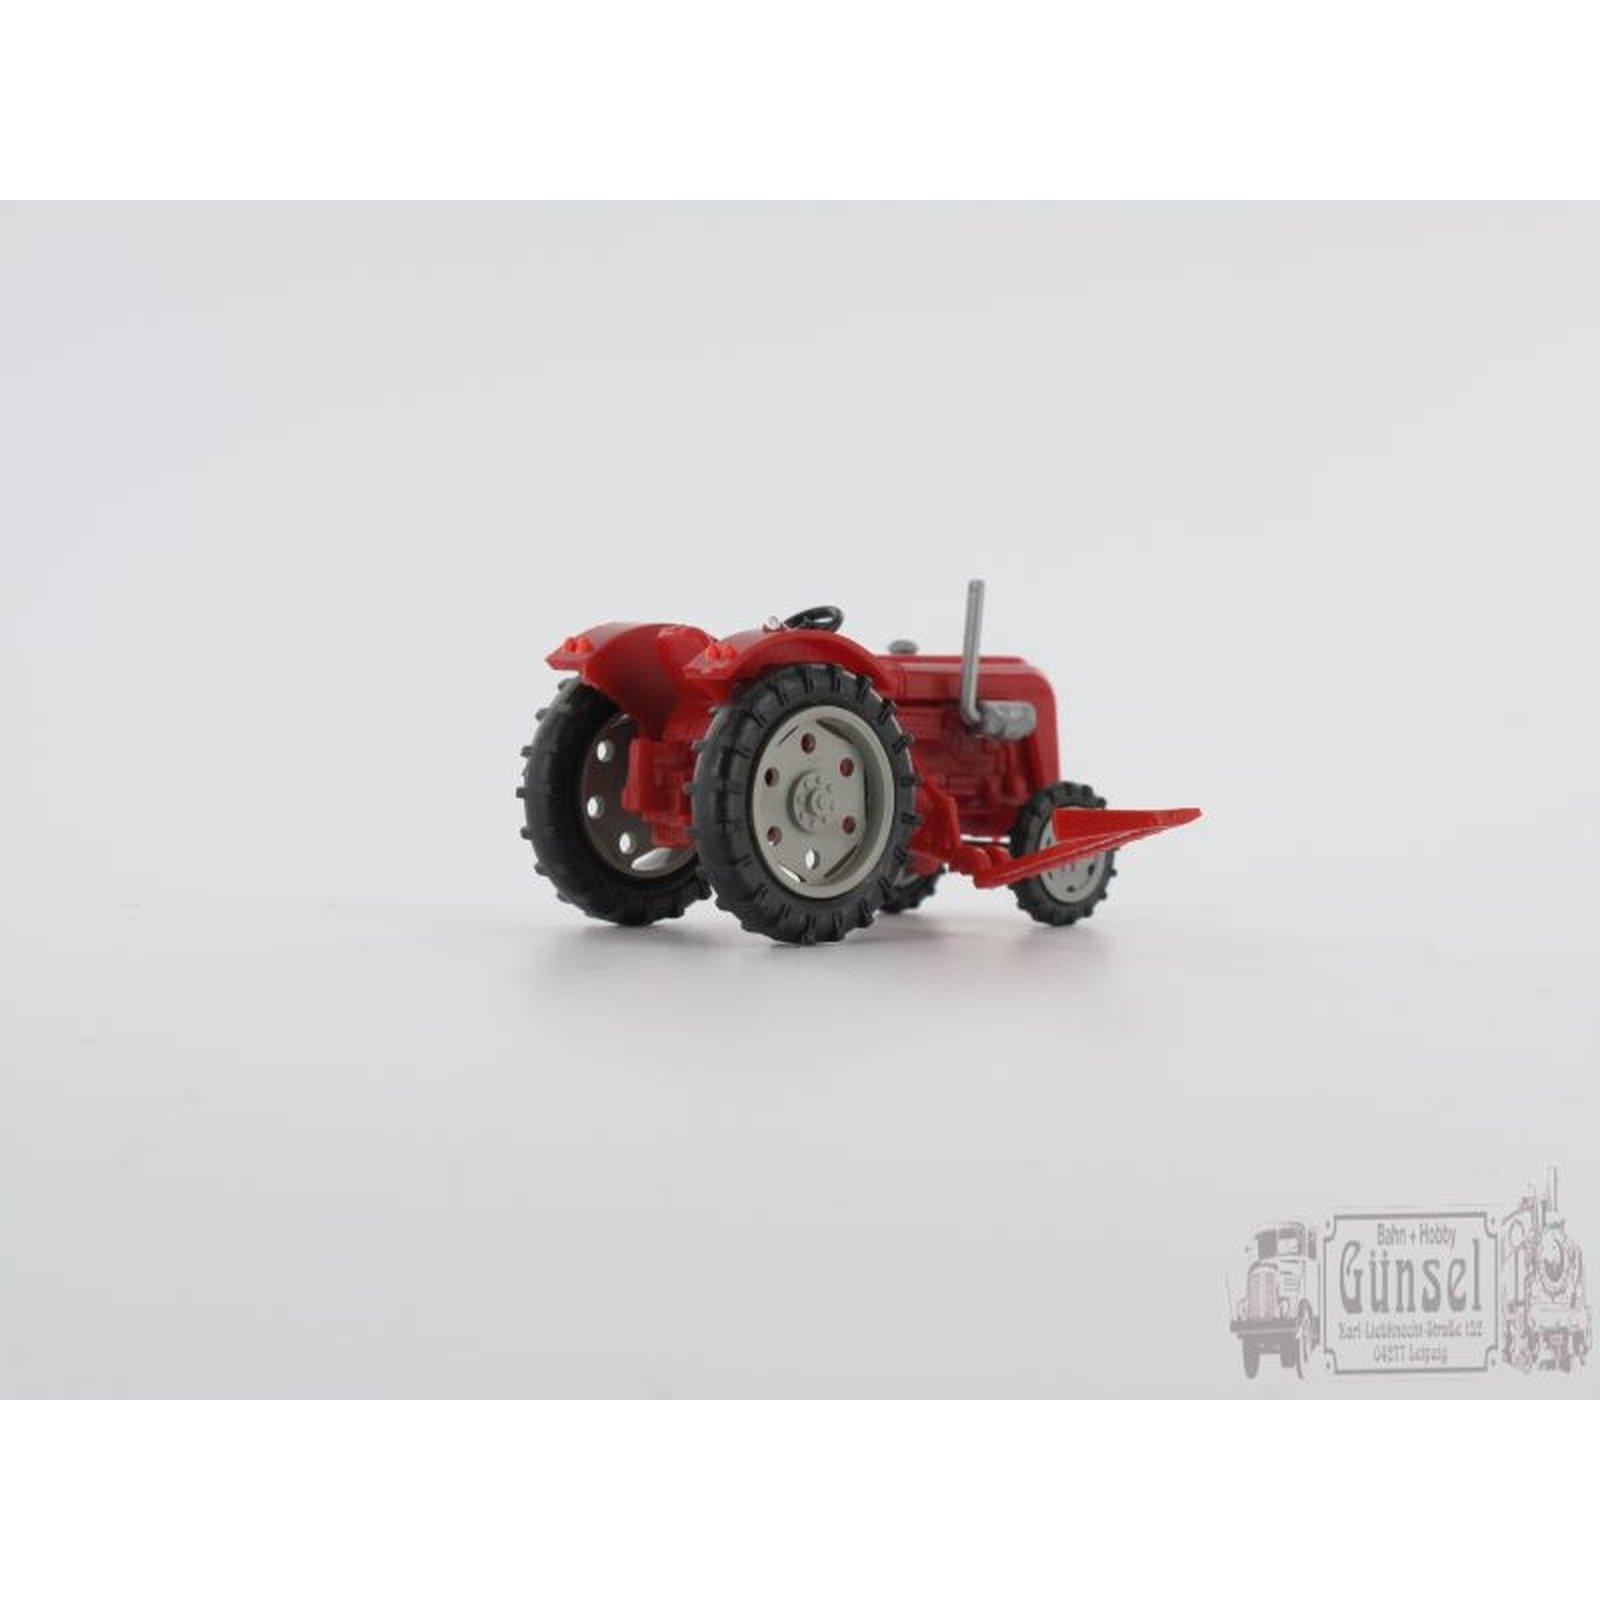 mehlhose 4402 traktor famulus mit m hbalken massstab 1 87. Black Bedroom Furniture Sets. Home Design Ideas